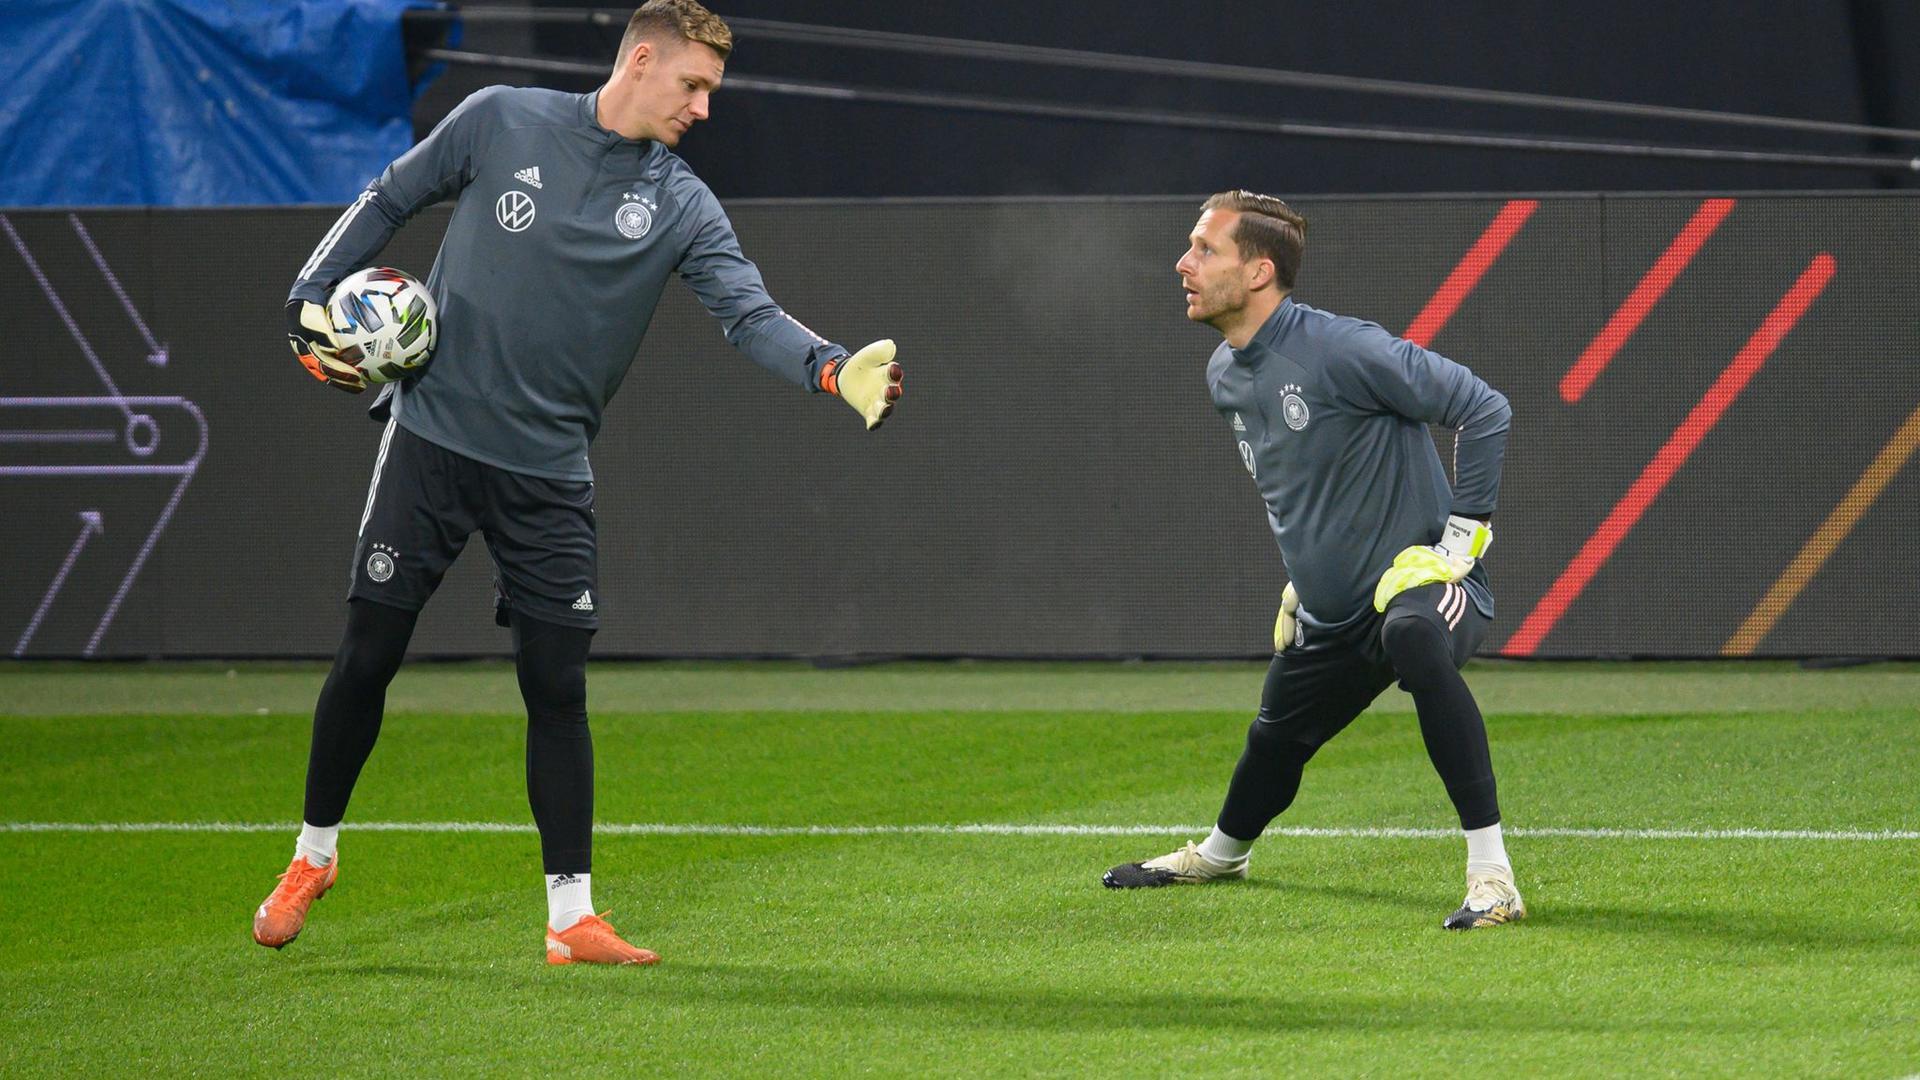 Die Torhüter Bernd Leno (l) und Oliver Baumann erwärmen sich.